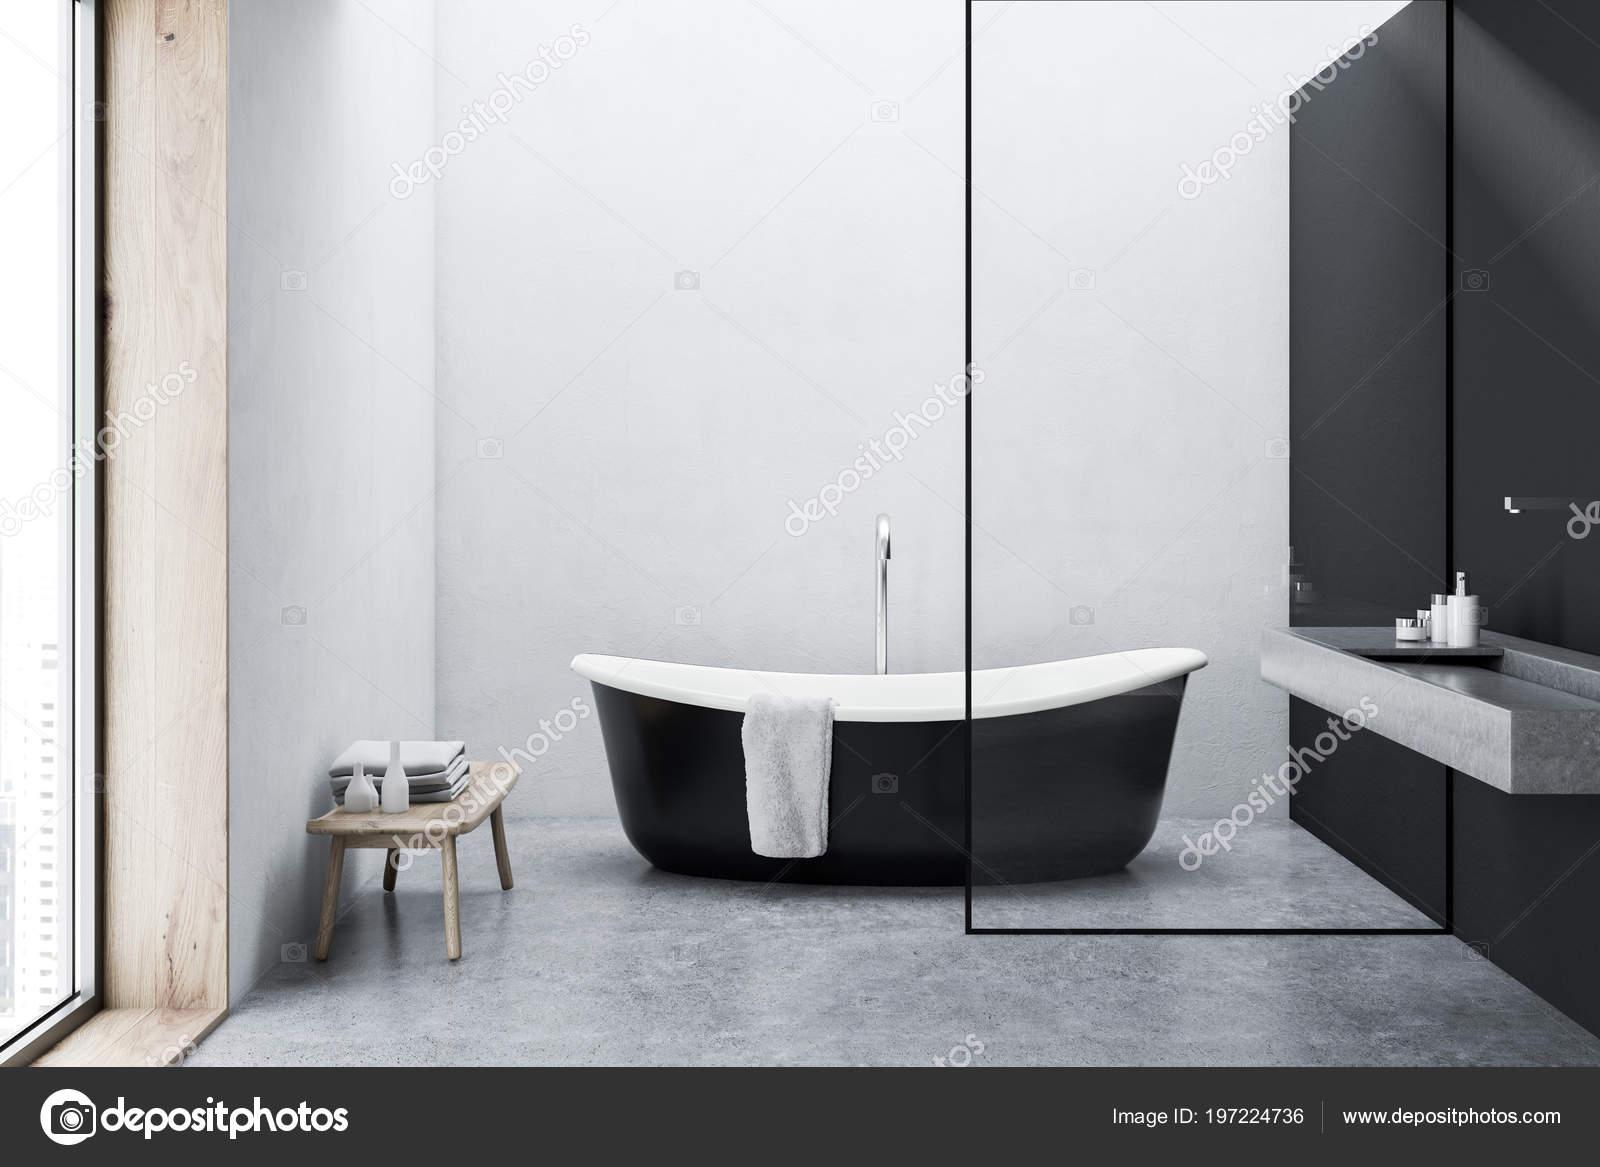 Vasca Da Bagno Nera : Vasca bagno nera con asciugamano appeso esso piedi pavimento cemento